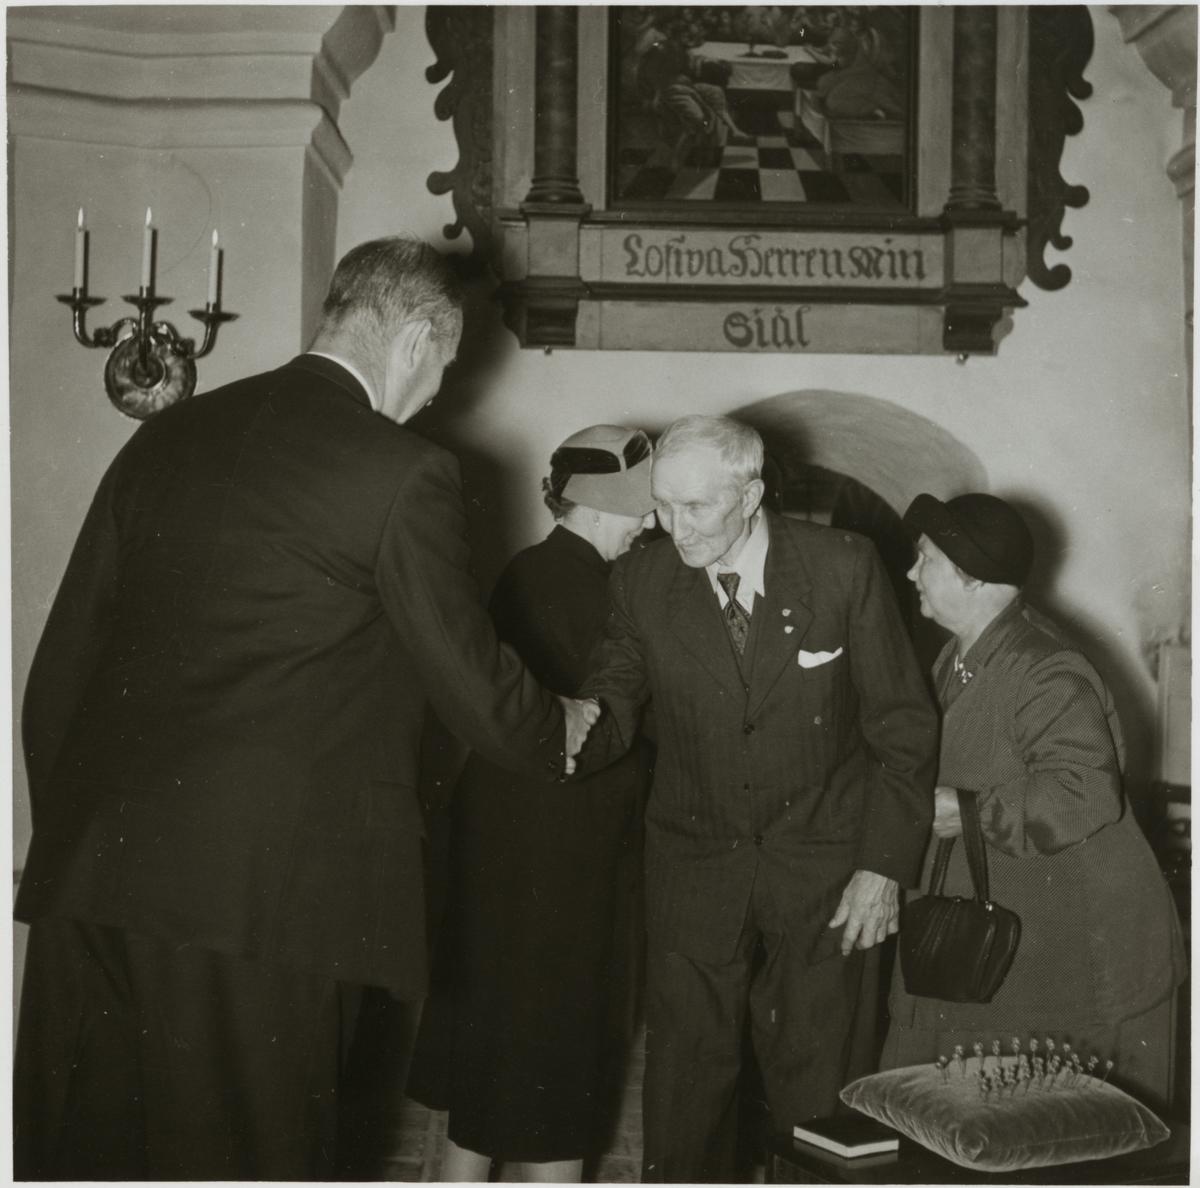 Trafikchef Granfeldt med fru och före detta stationskarlen Axel Thorsell med fru.